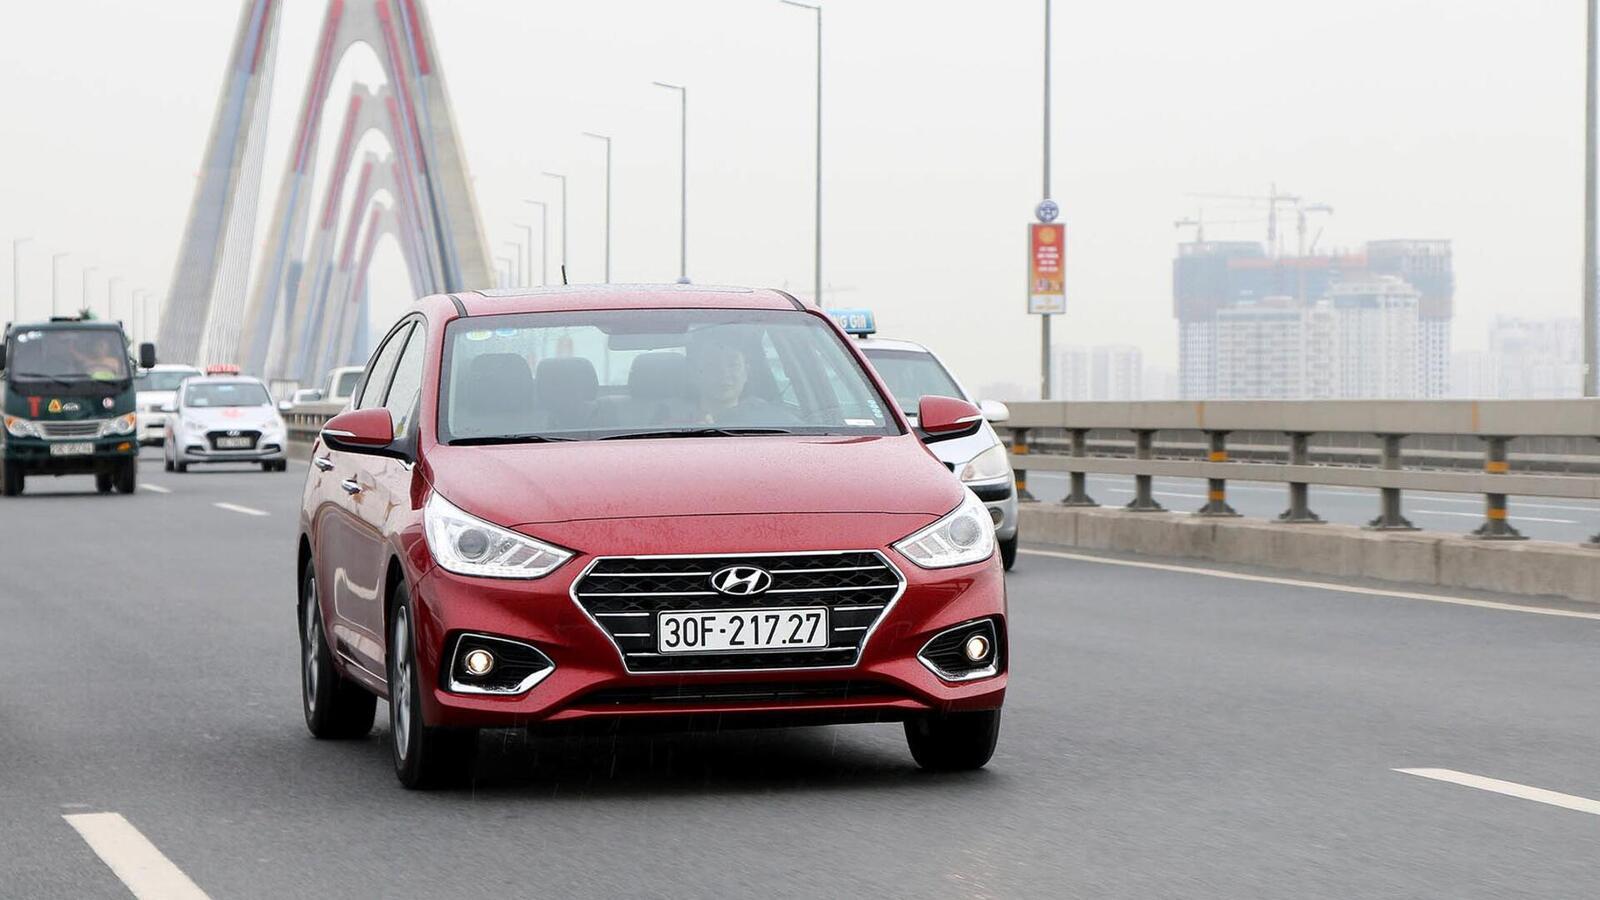 Hyundai công bố doanh số tháng 12/2018: Accent vẫn tiếp tục bán chạy hơn Grand i10 - Hình 2